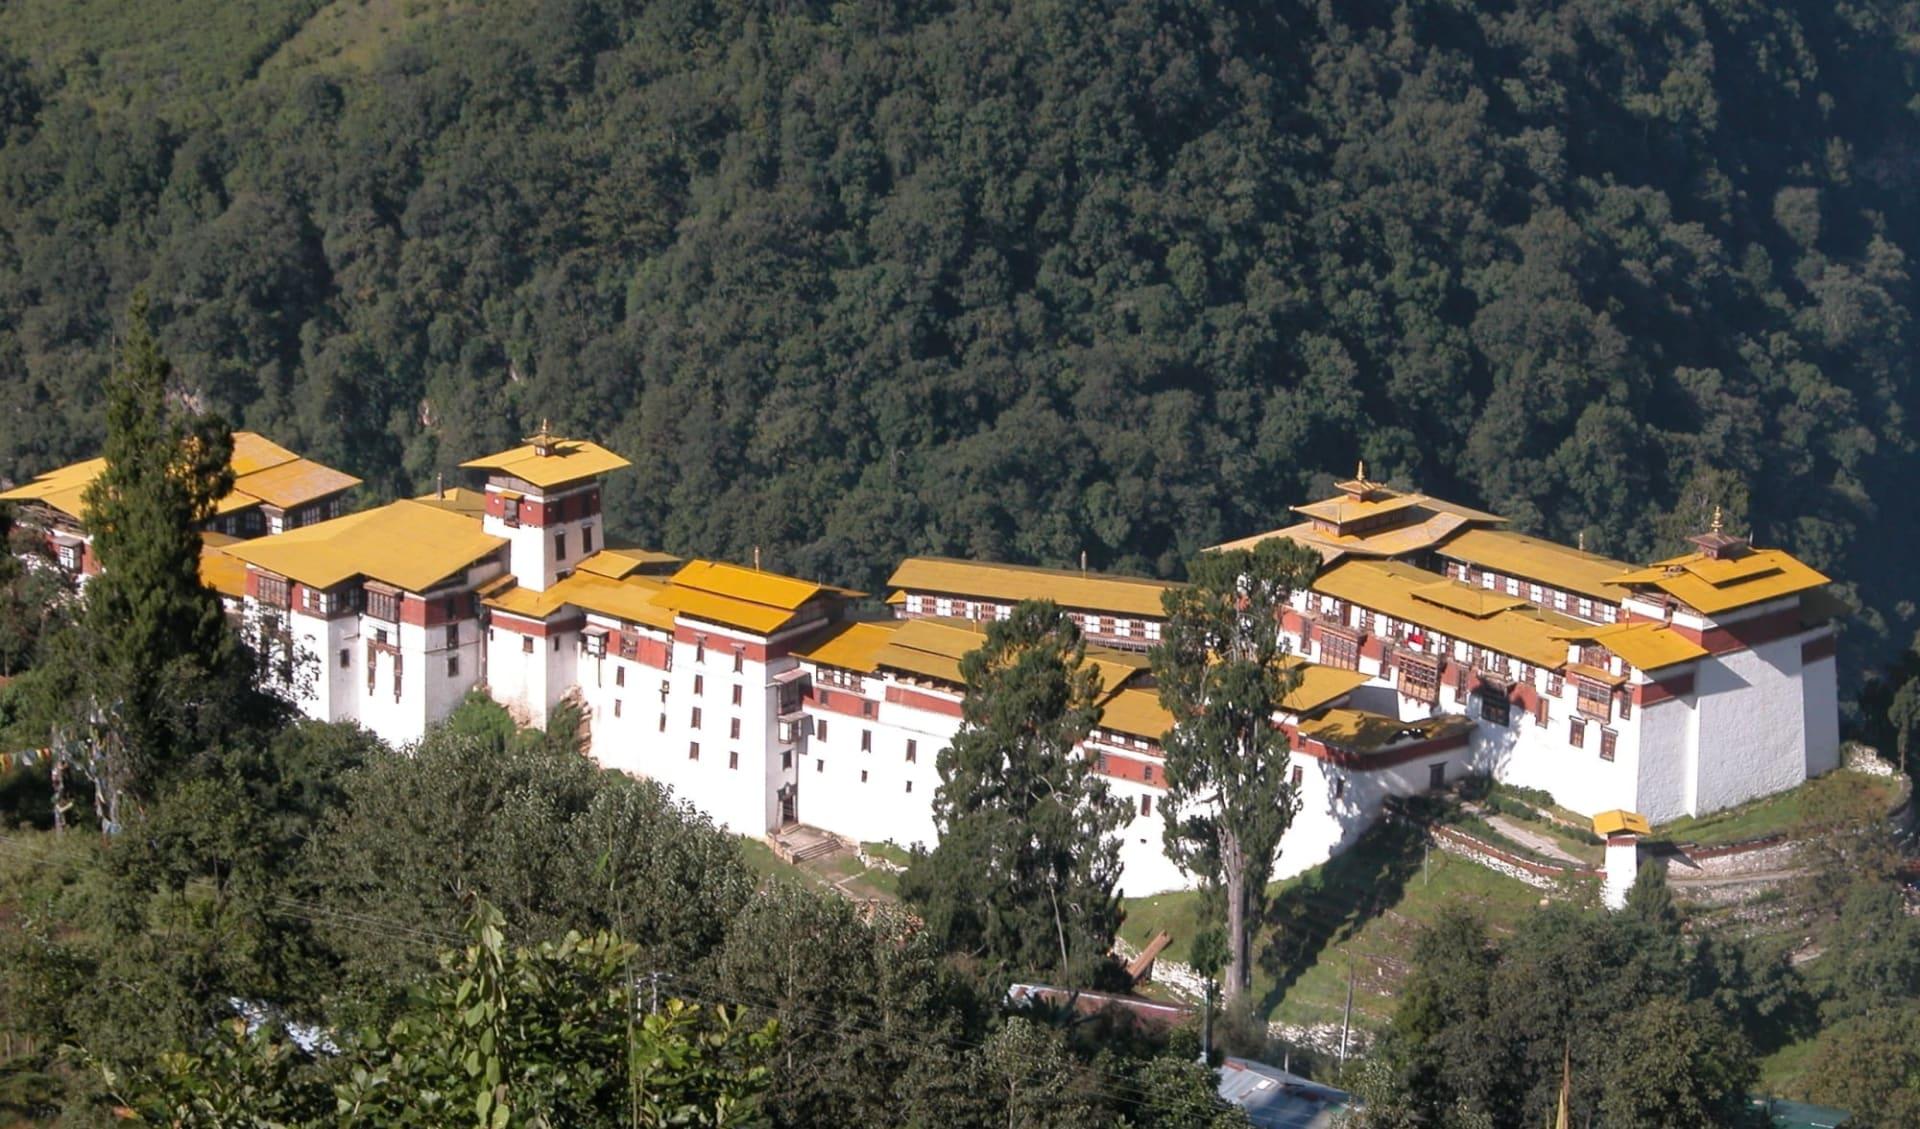 Amankora Bhutan Rundreise ab Paro: Trongsa Dzong